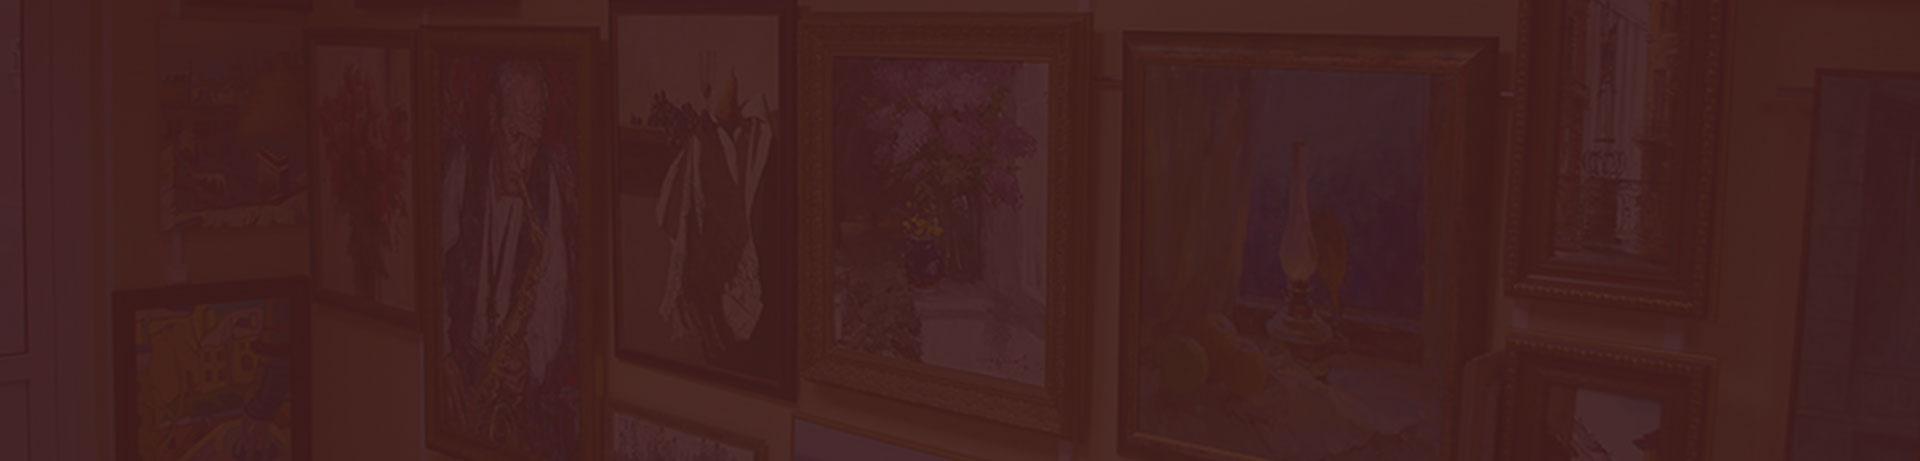 Разные картины на стене